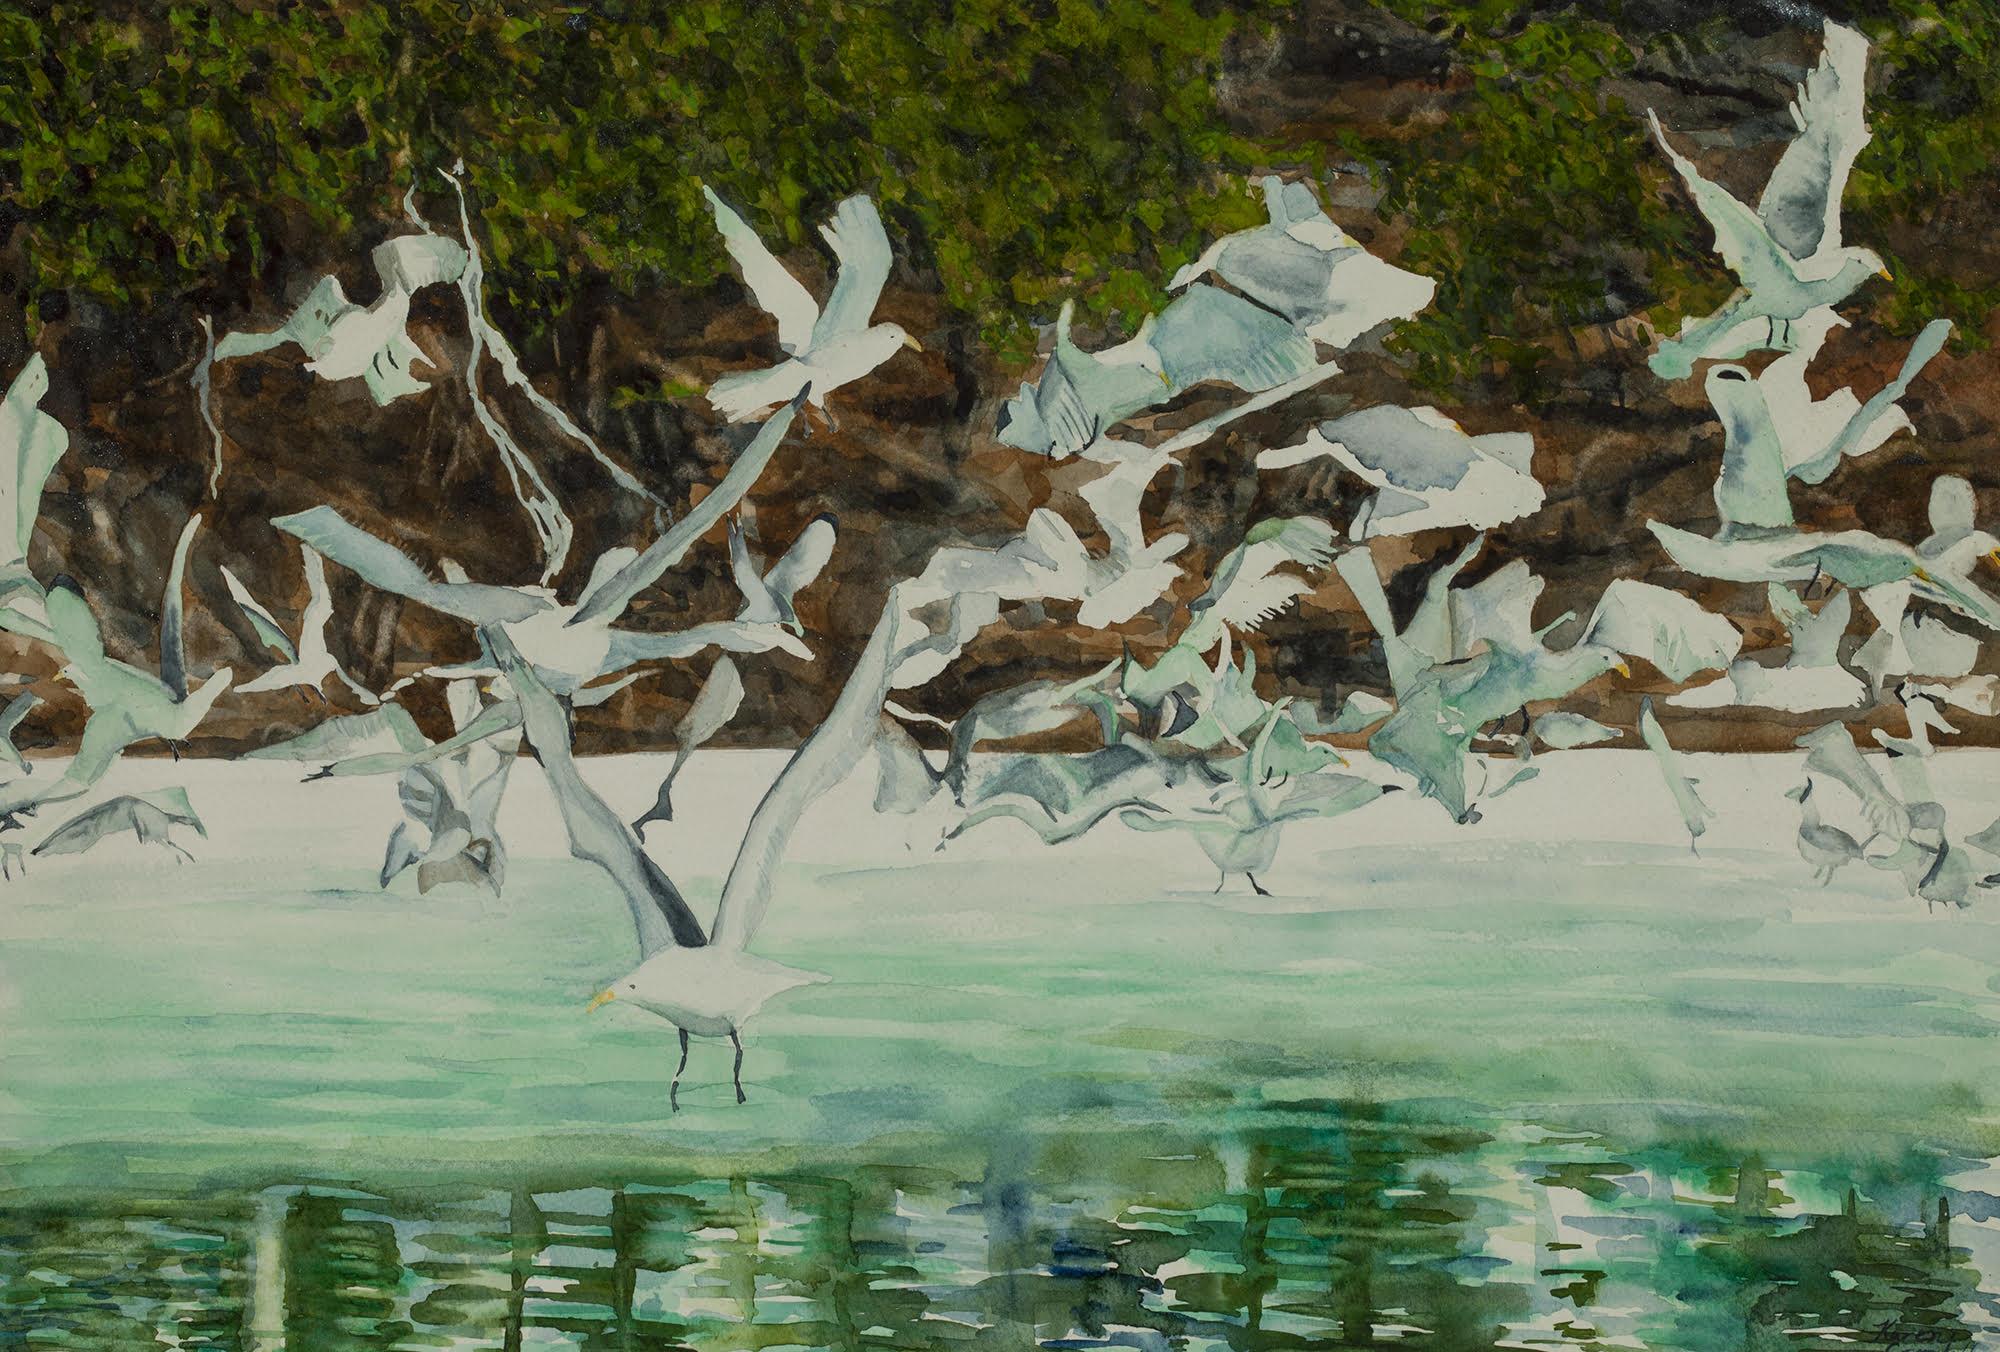 Seagull Menagerie - Original Watercolor